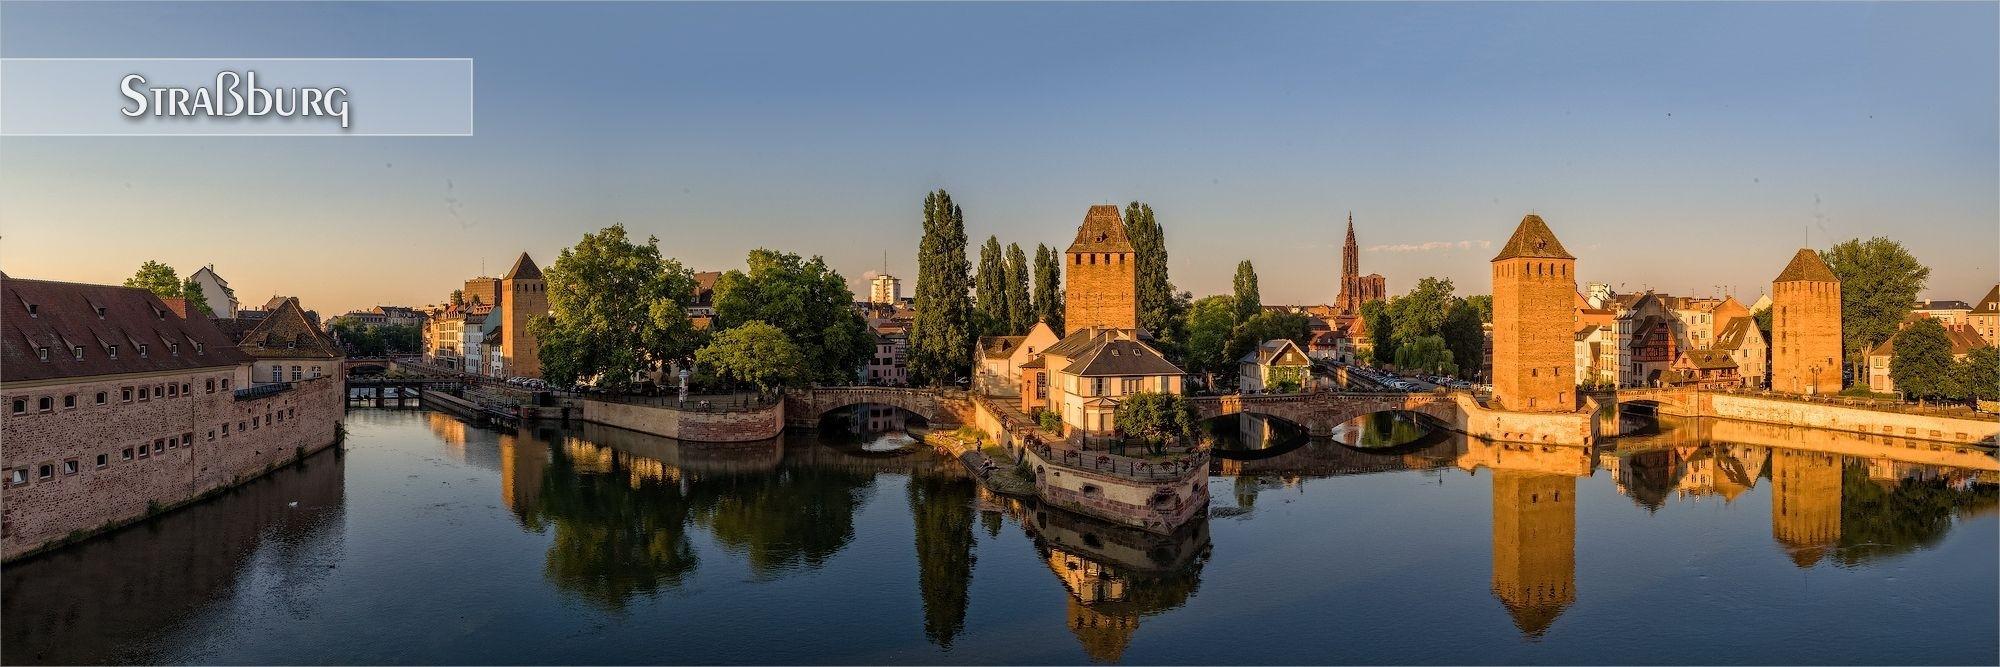 Bilder als Wandbild oder Küchenrückwand aus Straßburg